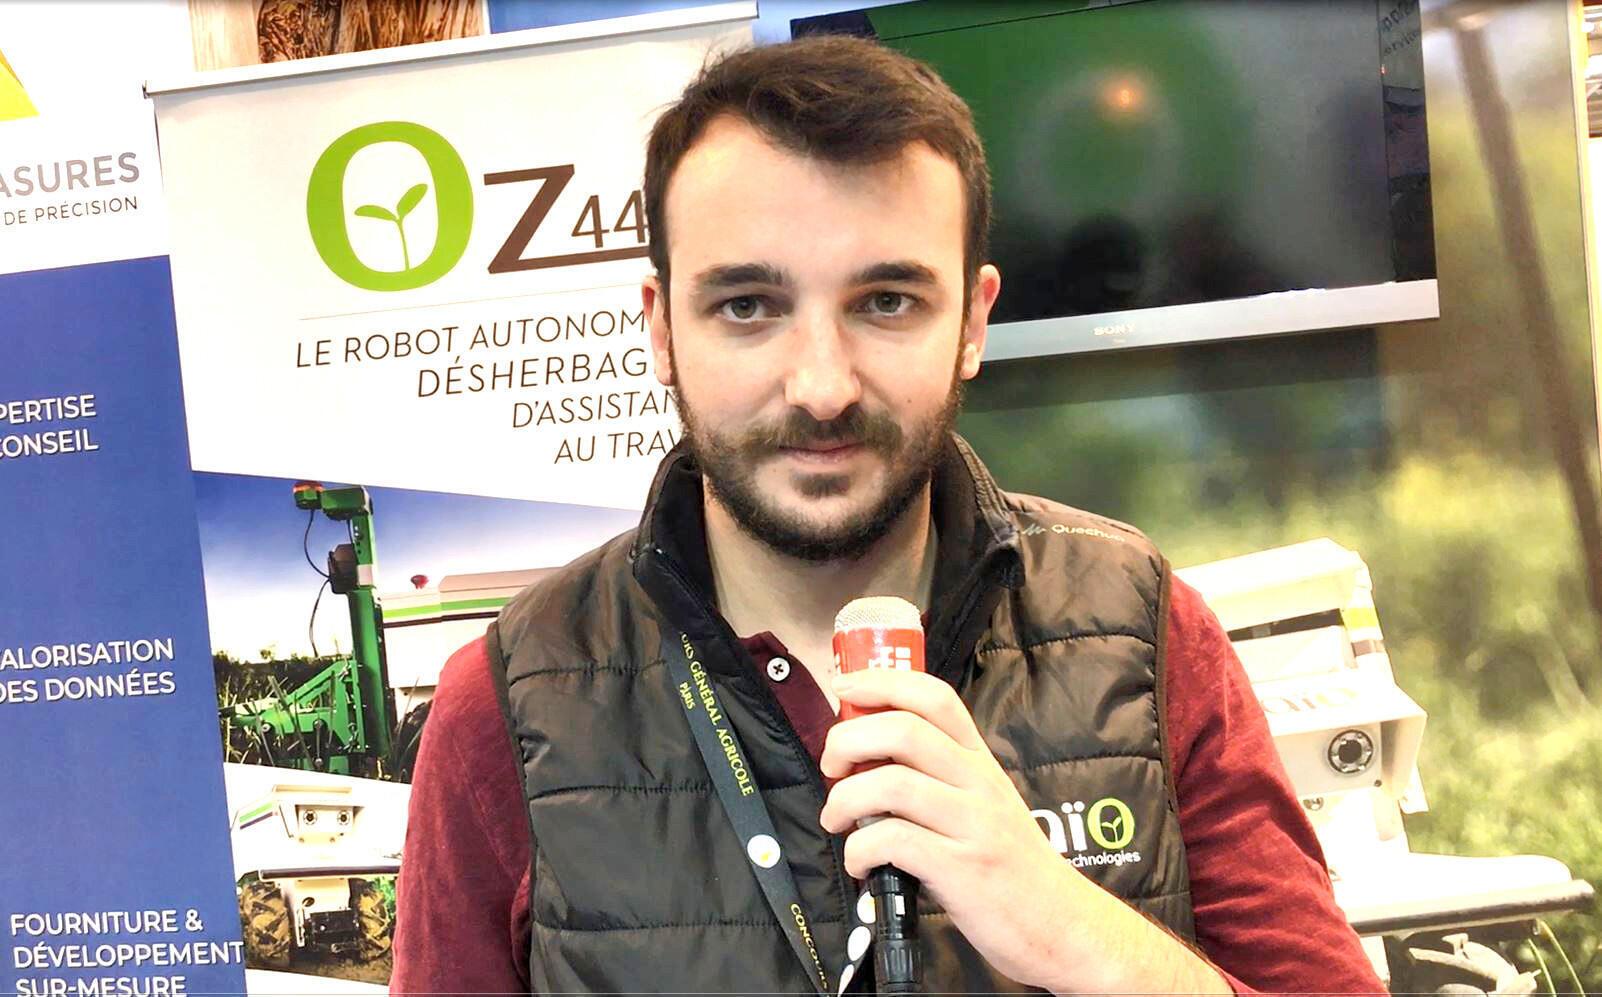 Жюльен Лаффон: «Naïo Technologies привез в Париж самый маленький из своих роботов-пропалывателей».